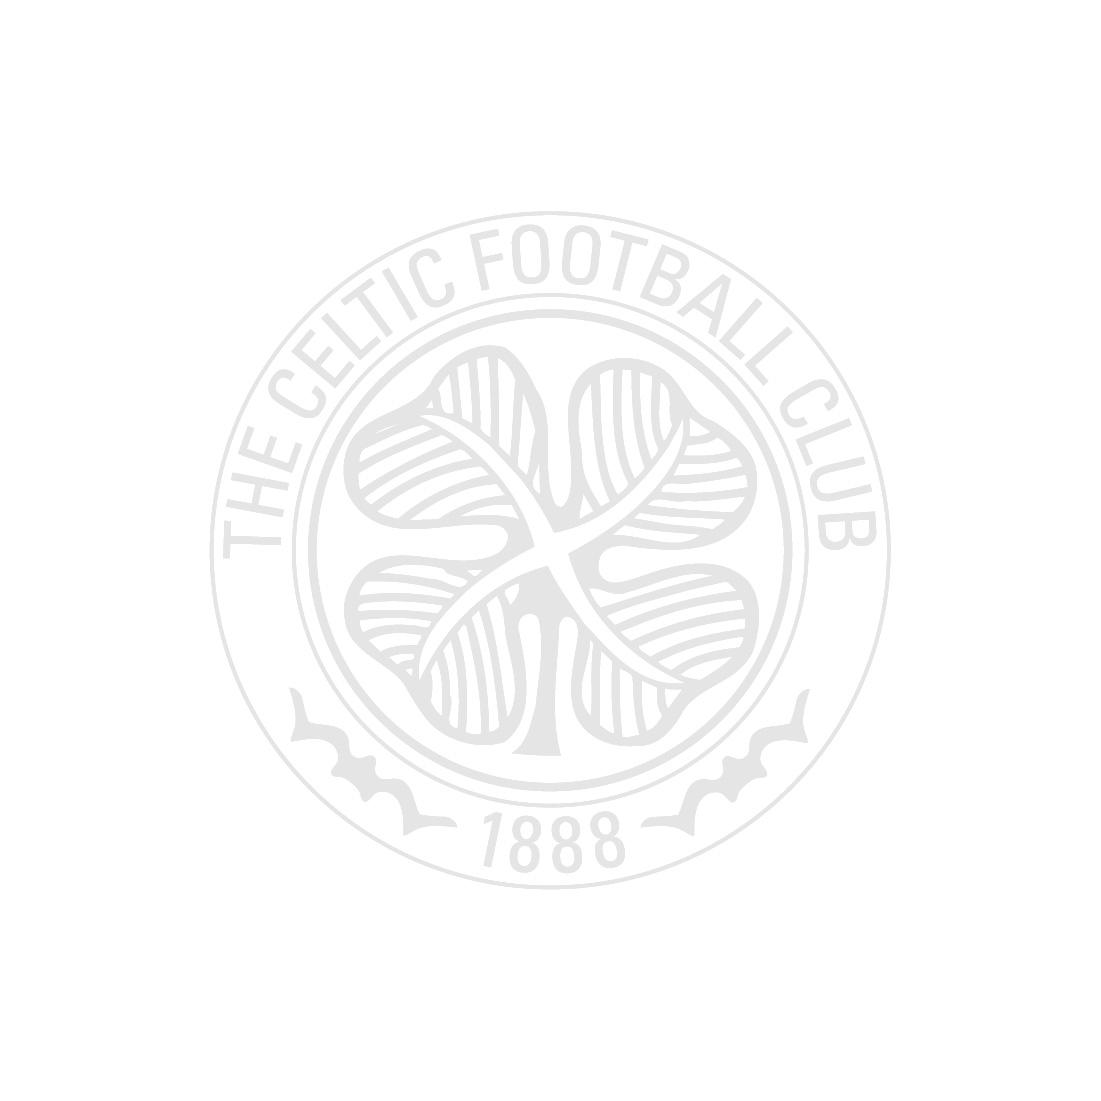 Celtic Hooped Socks - White